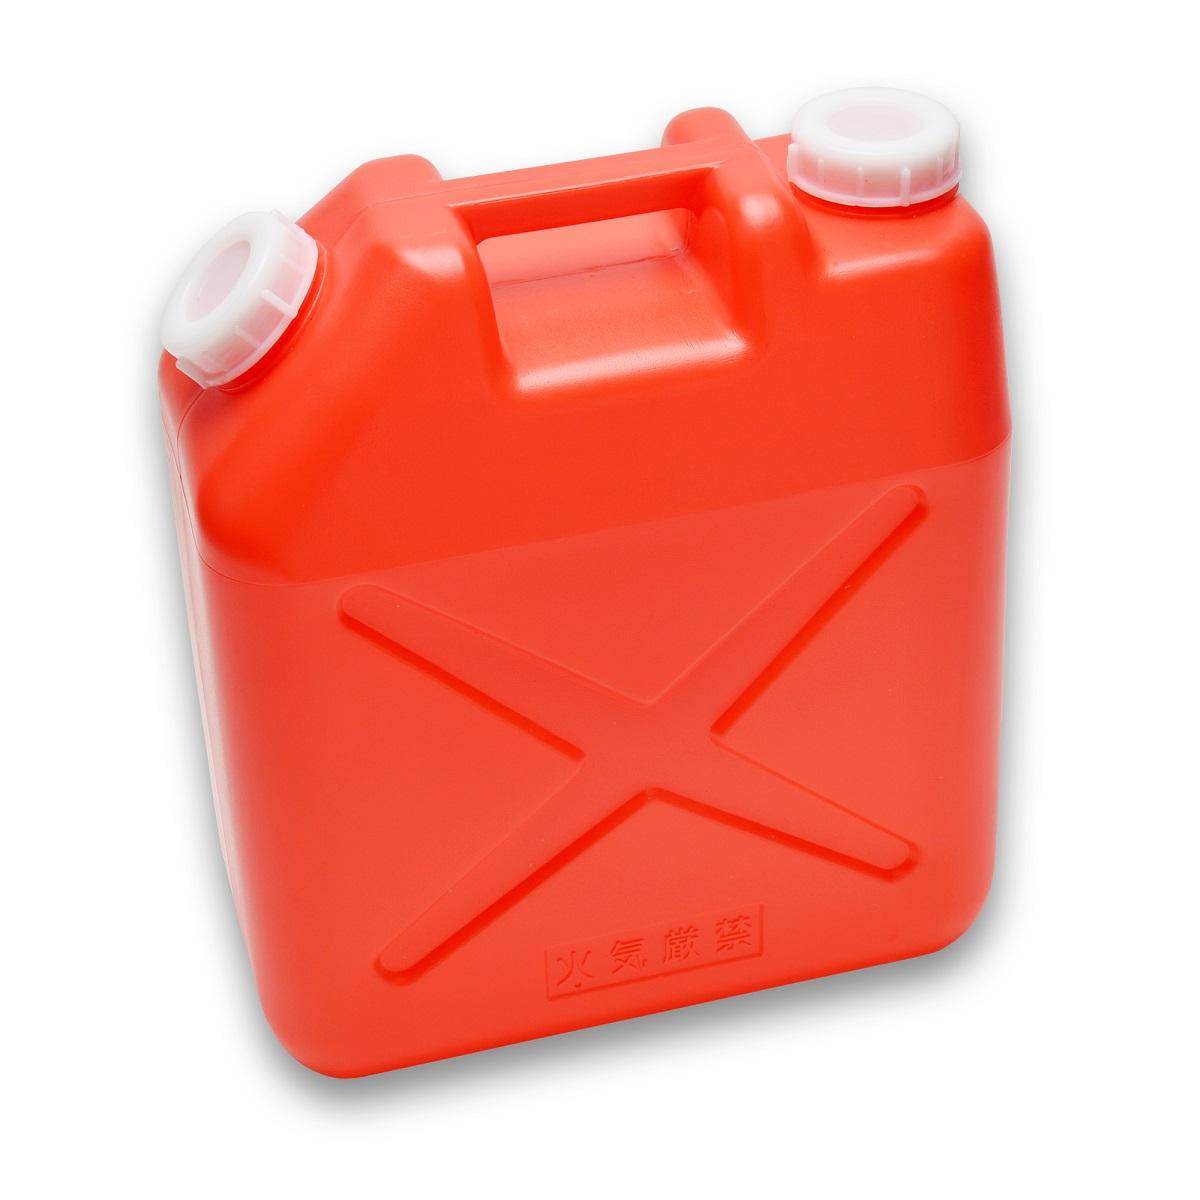 あれば便利なポリ缶 用途は様々 使い勝手の良い 貯水 レジャーなど容量20Lで大活躍 4個まで送料は1個口 4個以上ご購入の場合は5個セット 10個セットをご用意しております 20L レジャー 正規店 ポリタンク ポリ缶 赤 水缶 水タンク ノズル無し